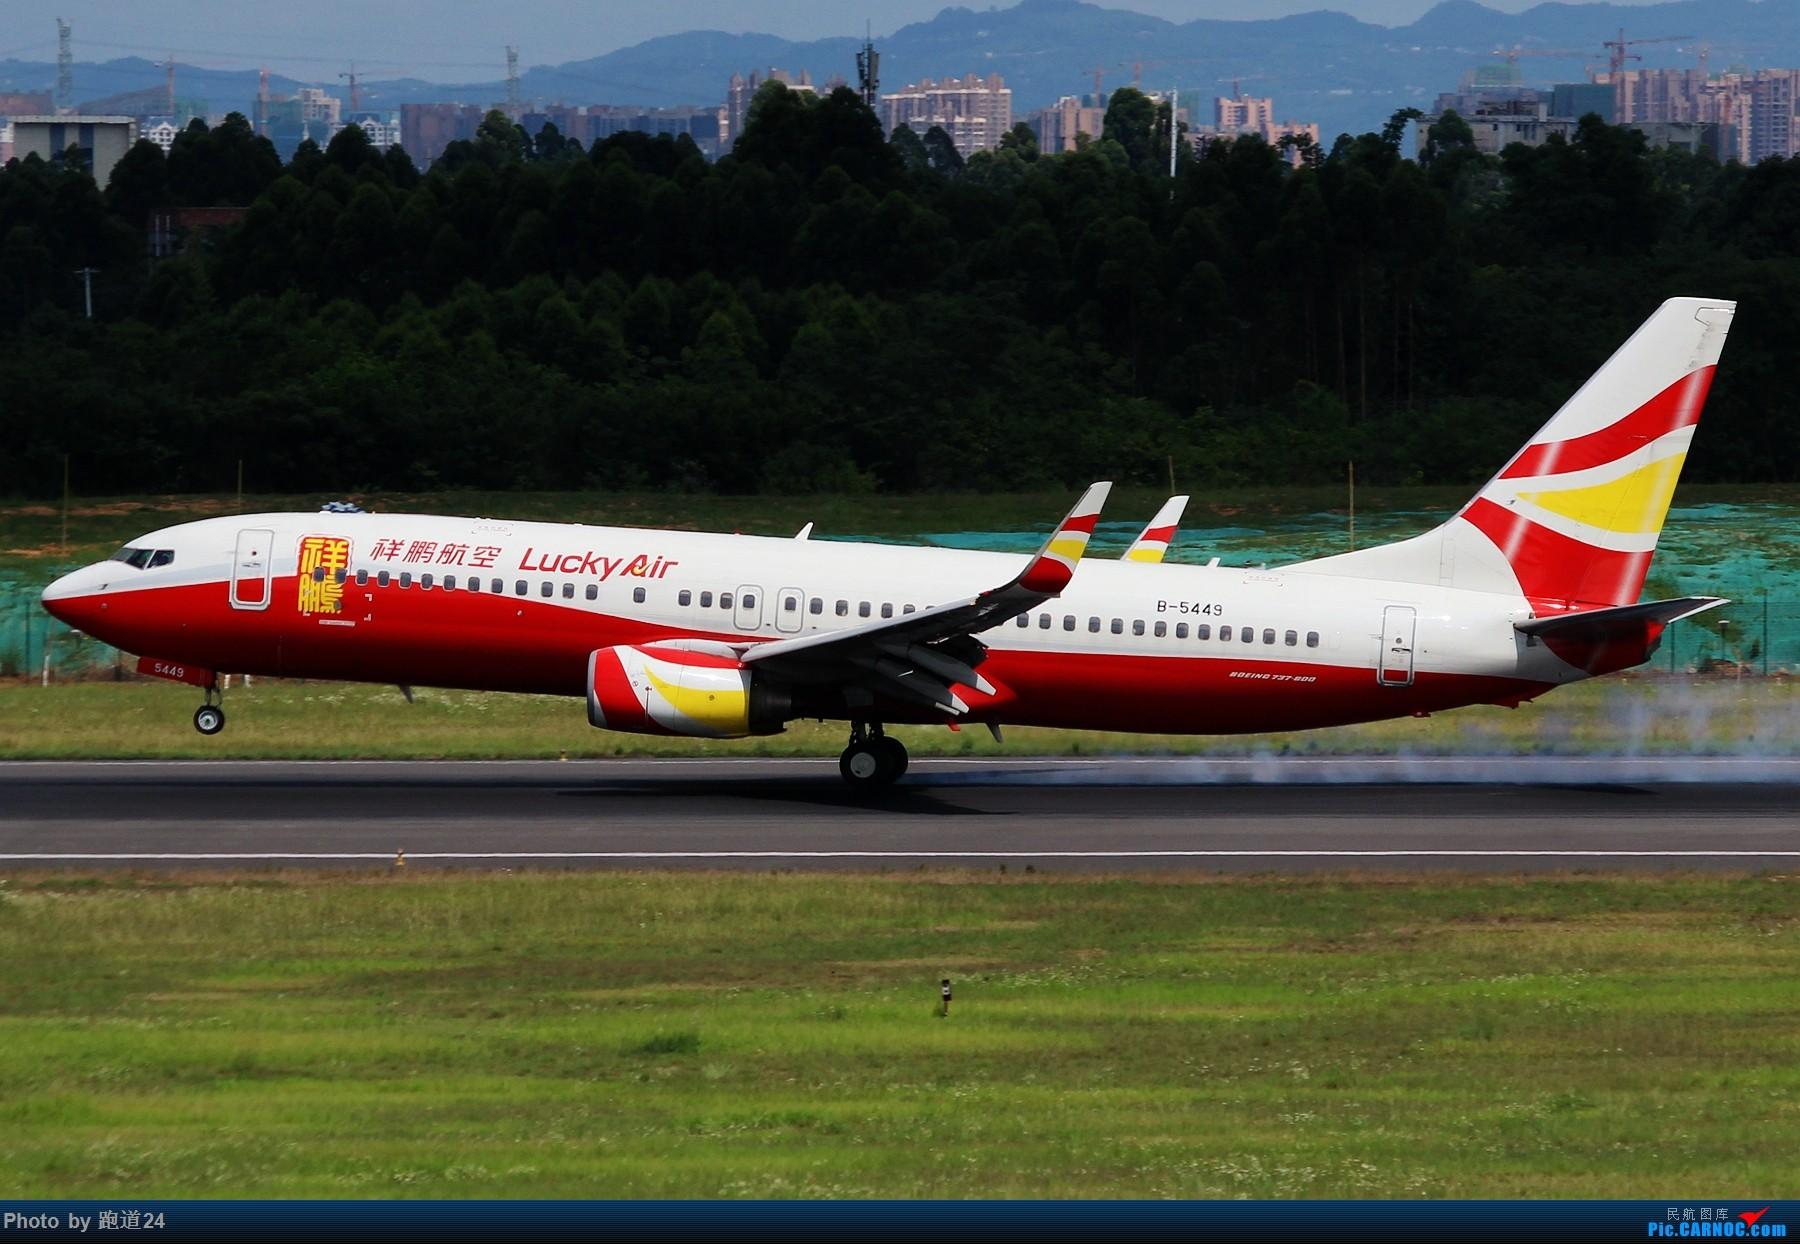 Re:[原创]【多图党】6月18日成都拍机【埃塞俄比亚航空B777-200LR】 BOEING 737-800 B-5449 中国成都双流国际机场